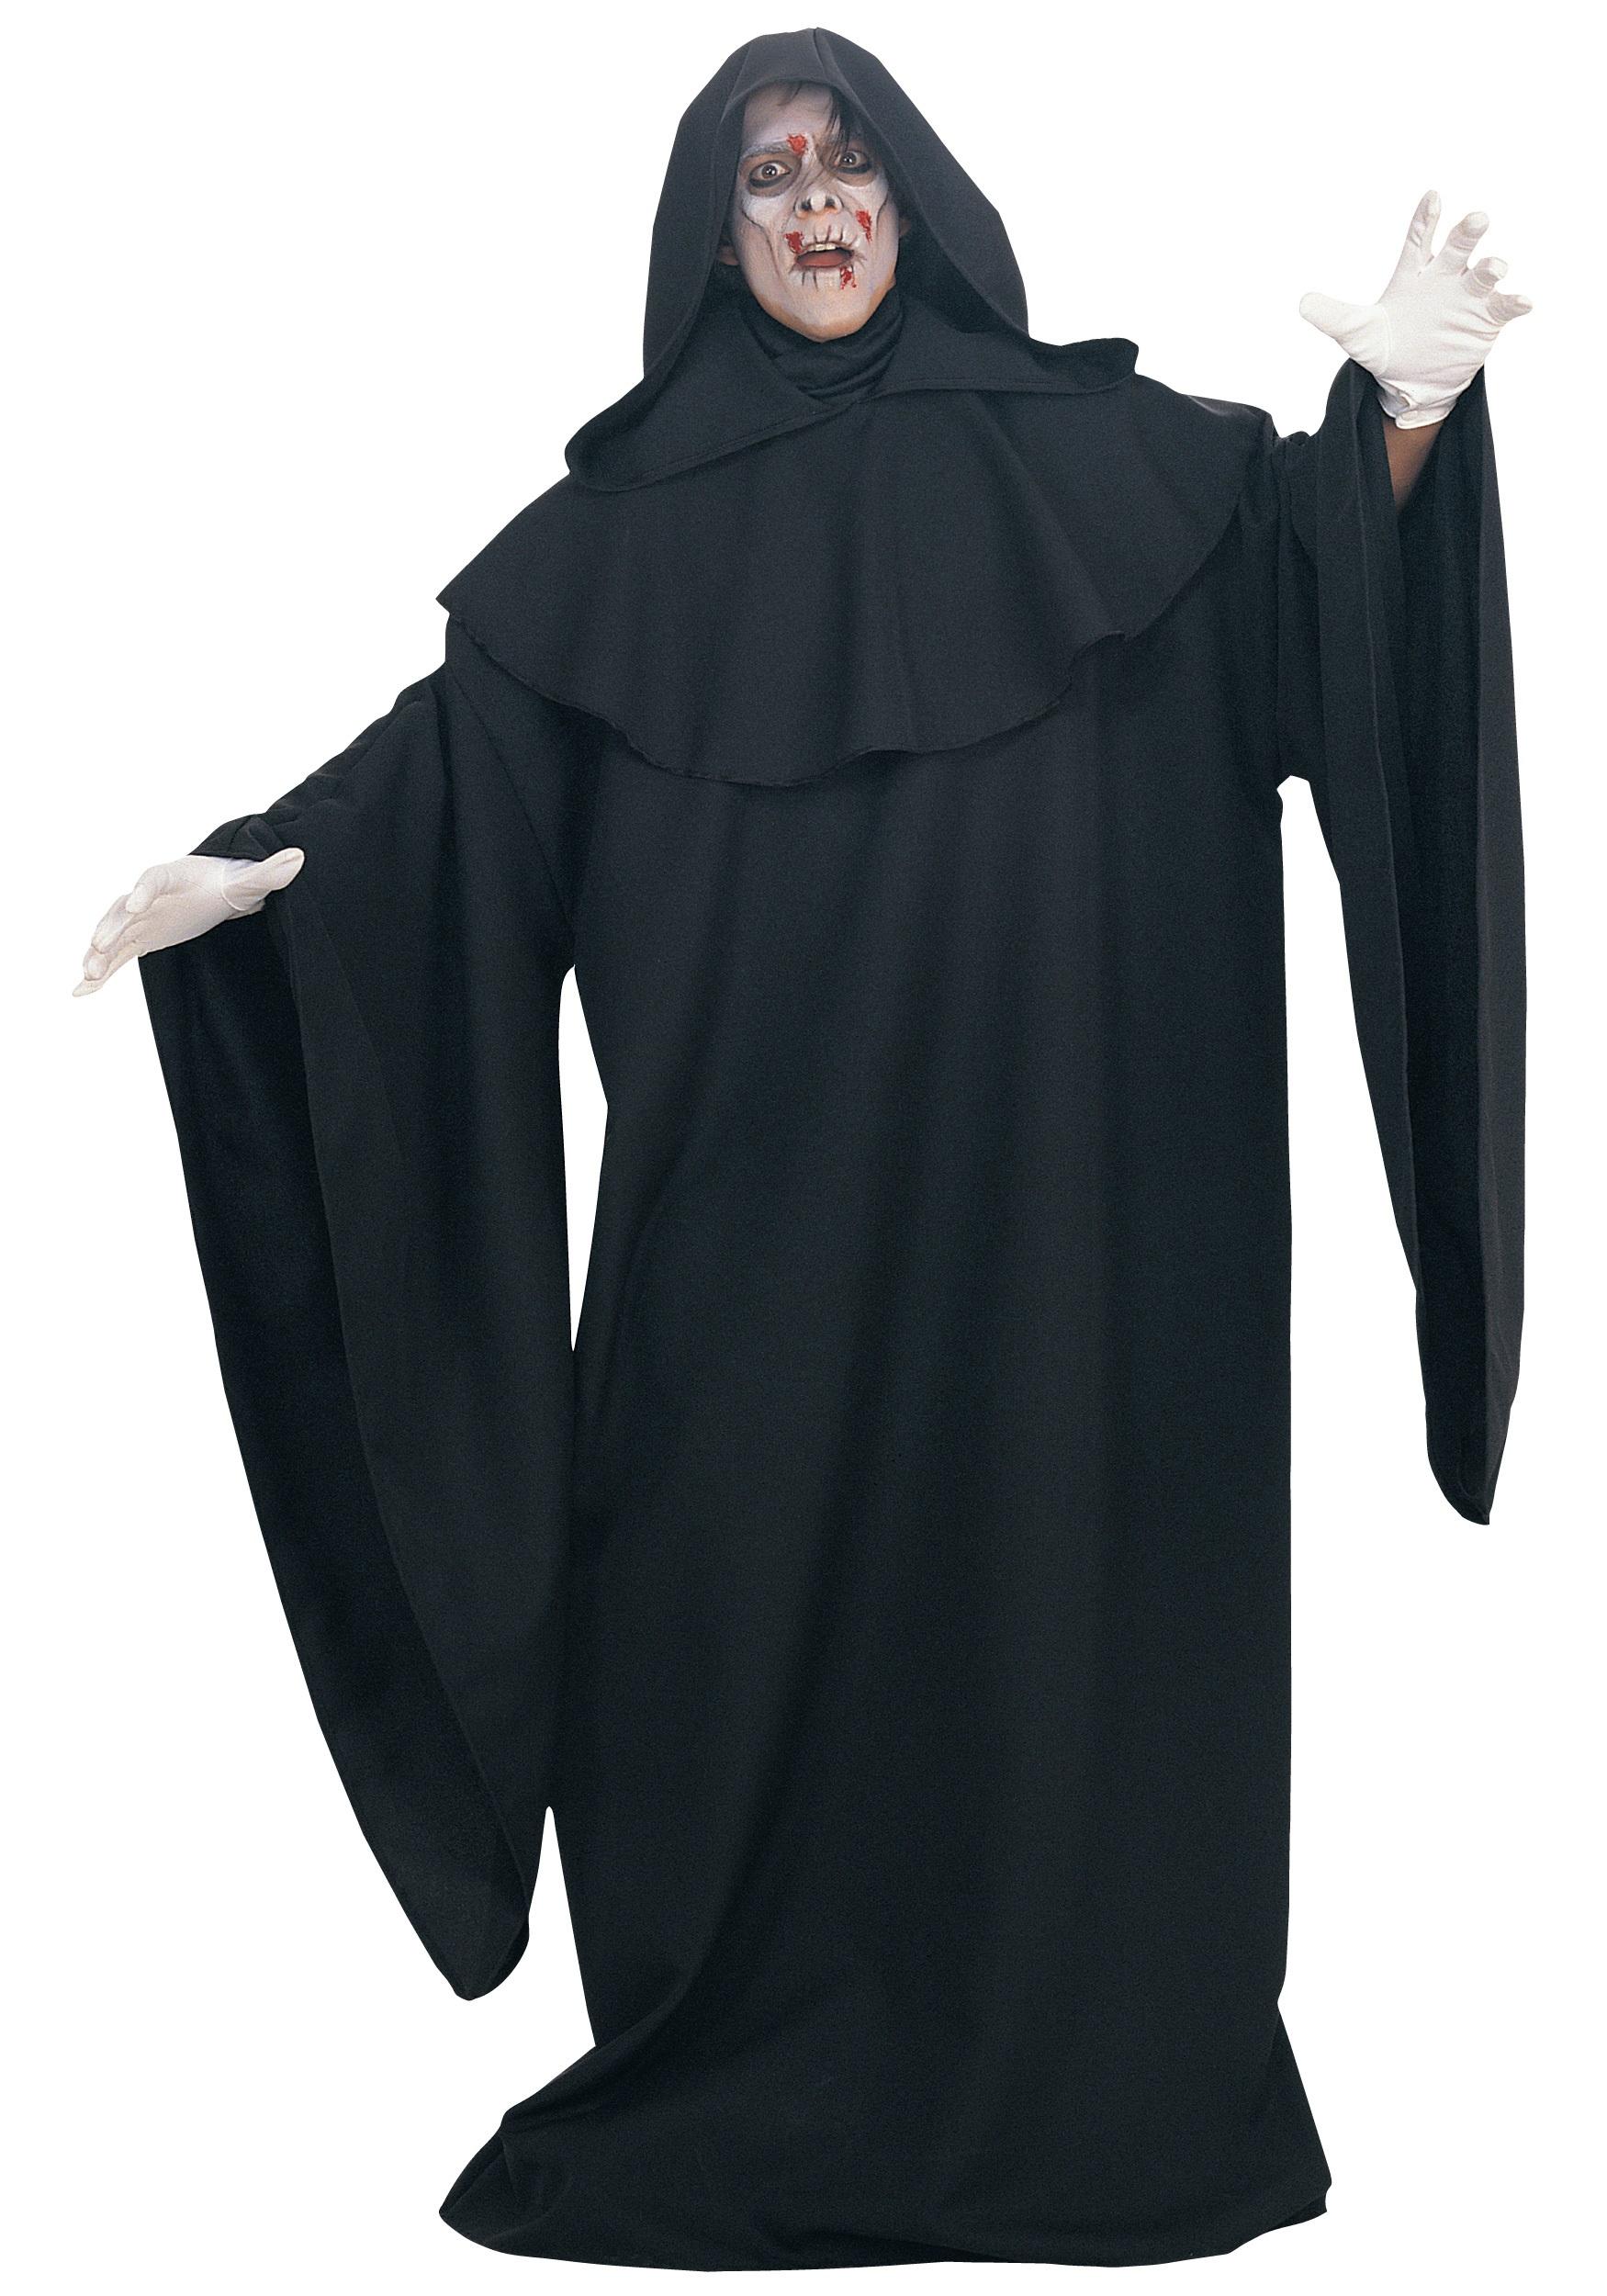 Deluxe Robe  sc 1 st  Halloween Costumes & Deluxe Robe - Halloween Costumes